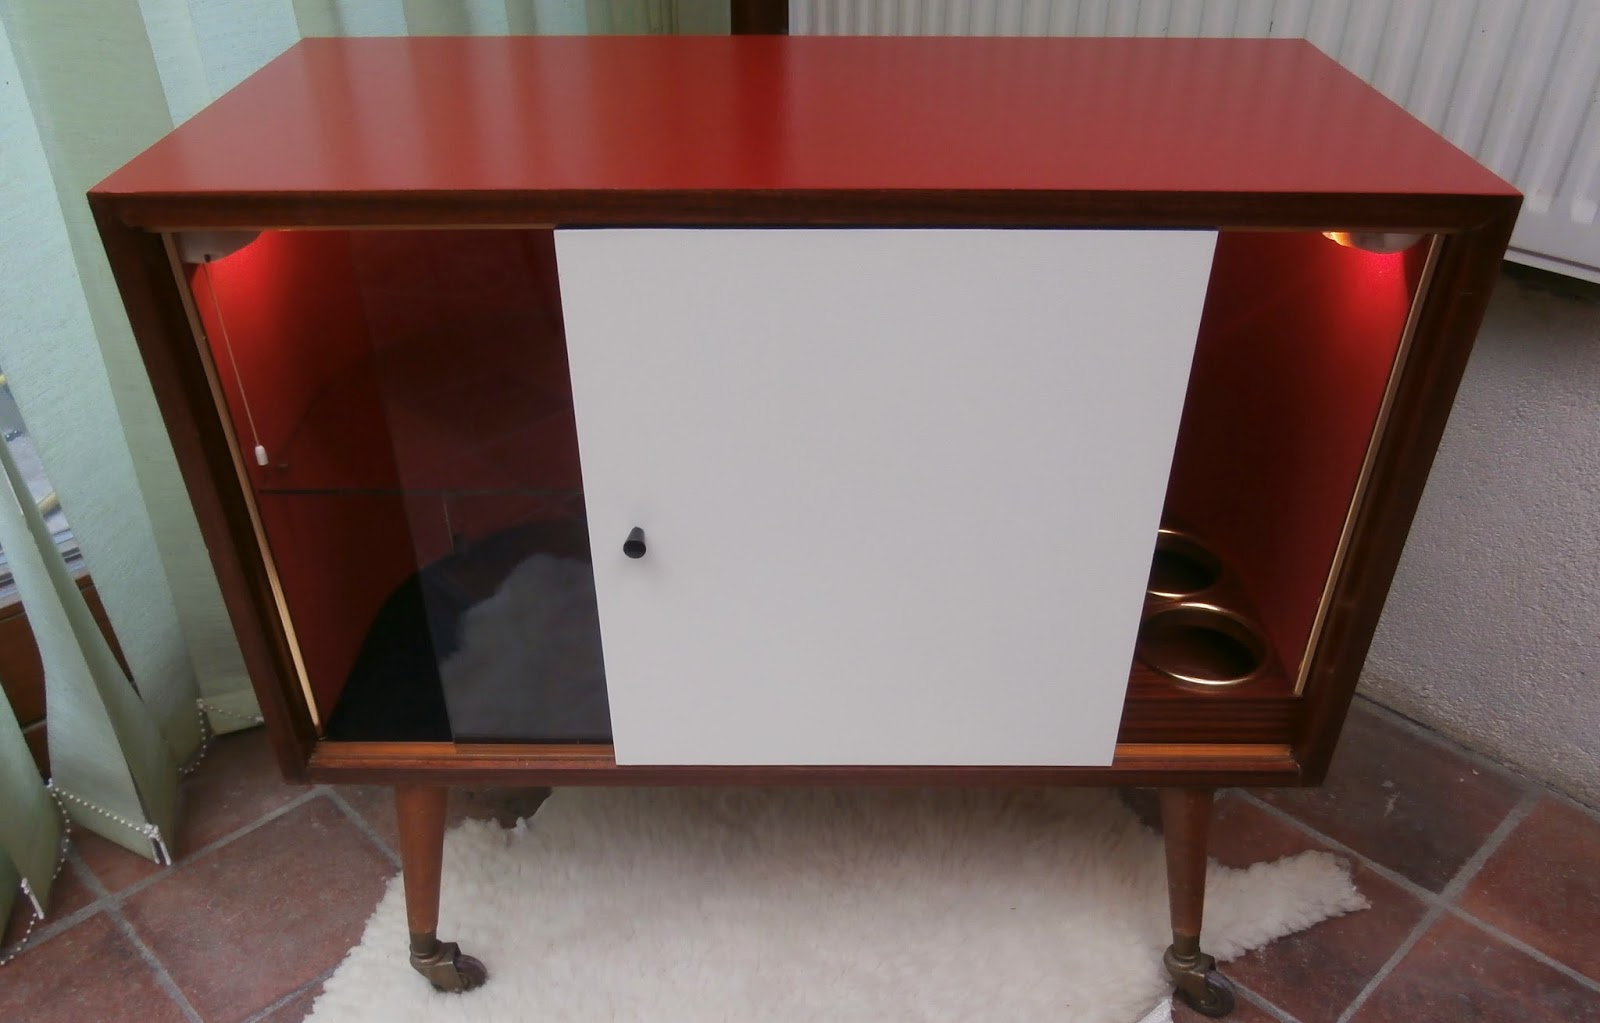 dur e de vie ind termin e meuble bar lumineux rouge et. Black Bedroom Furniture Sets. Home Design Ideas